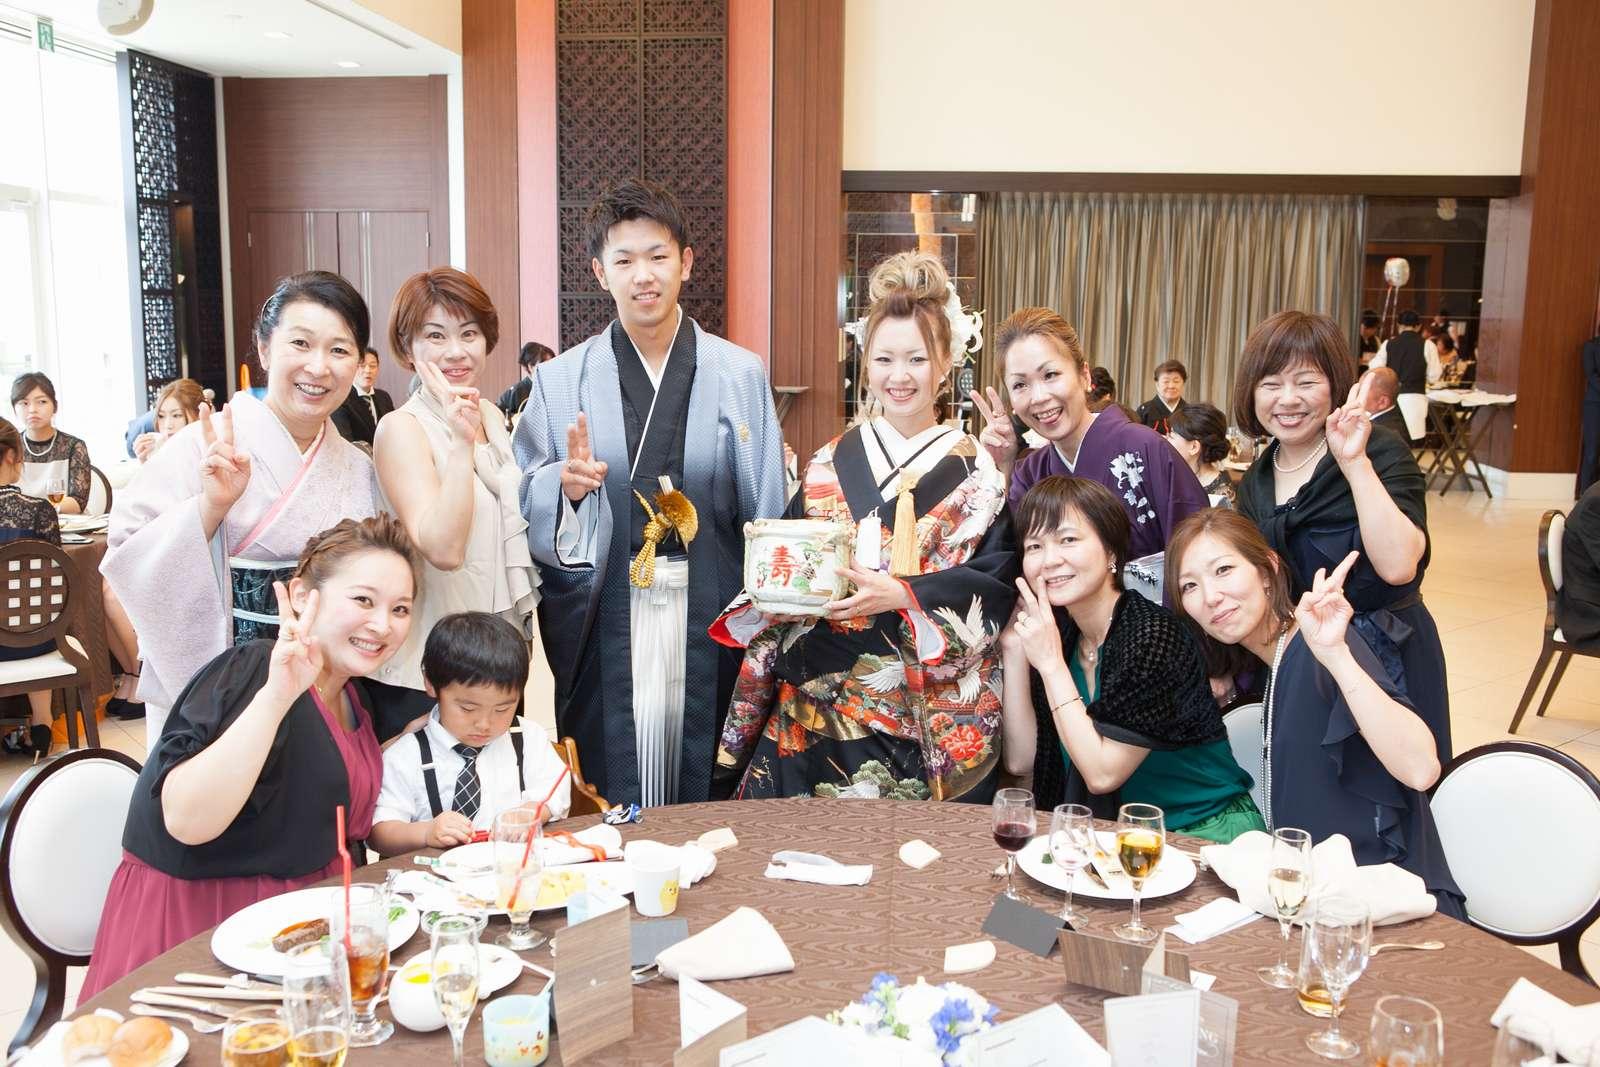 徳島市の結婚式場ブランアンジュでテーブルラウンドでゲストとの記念撮影